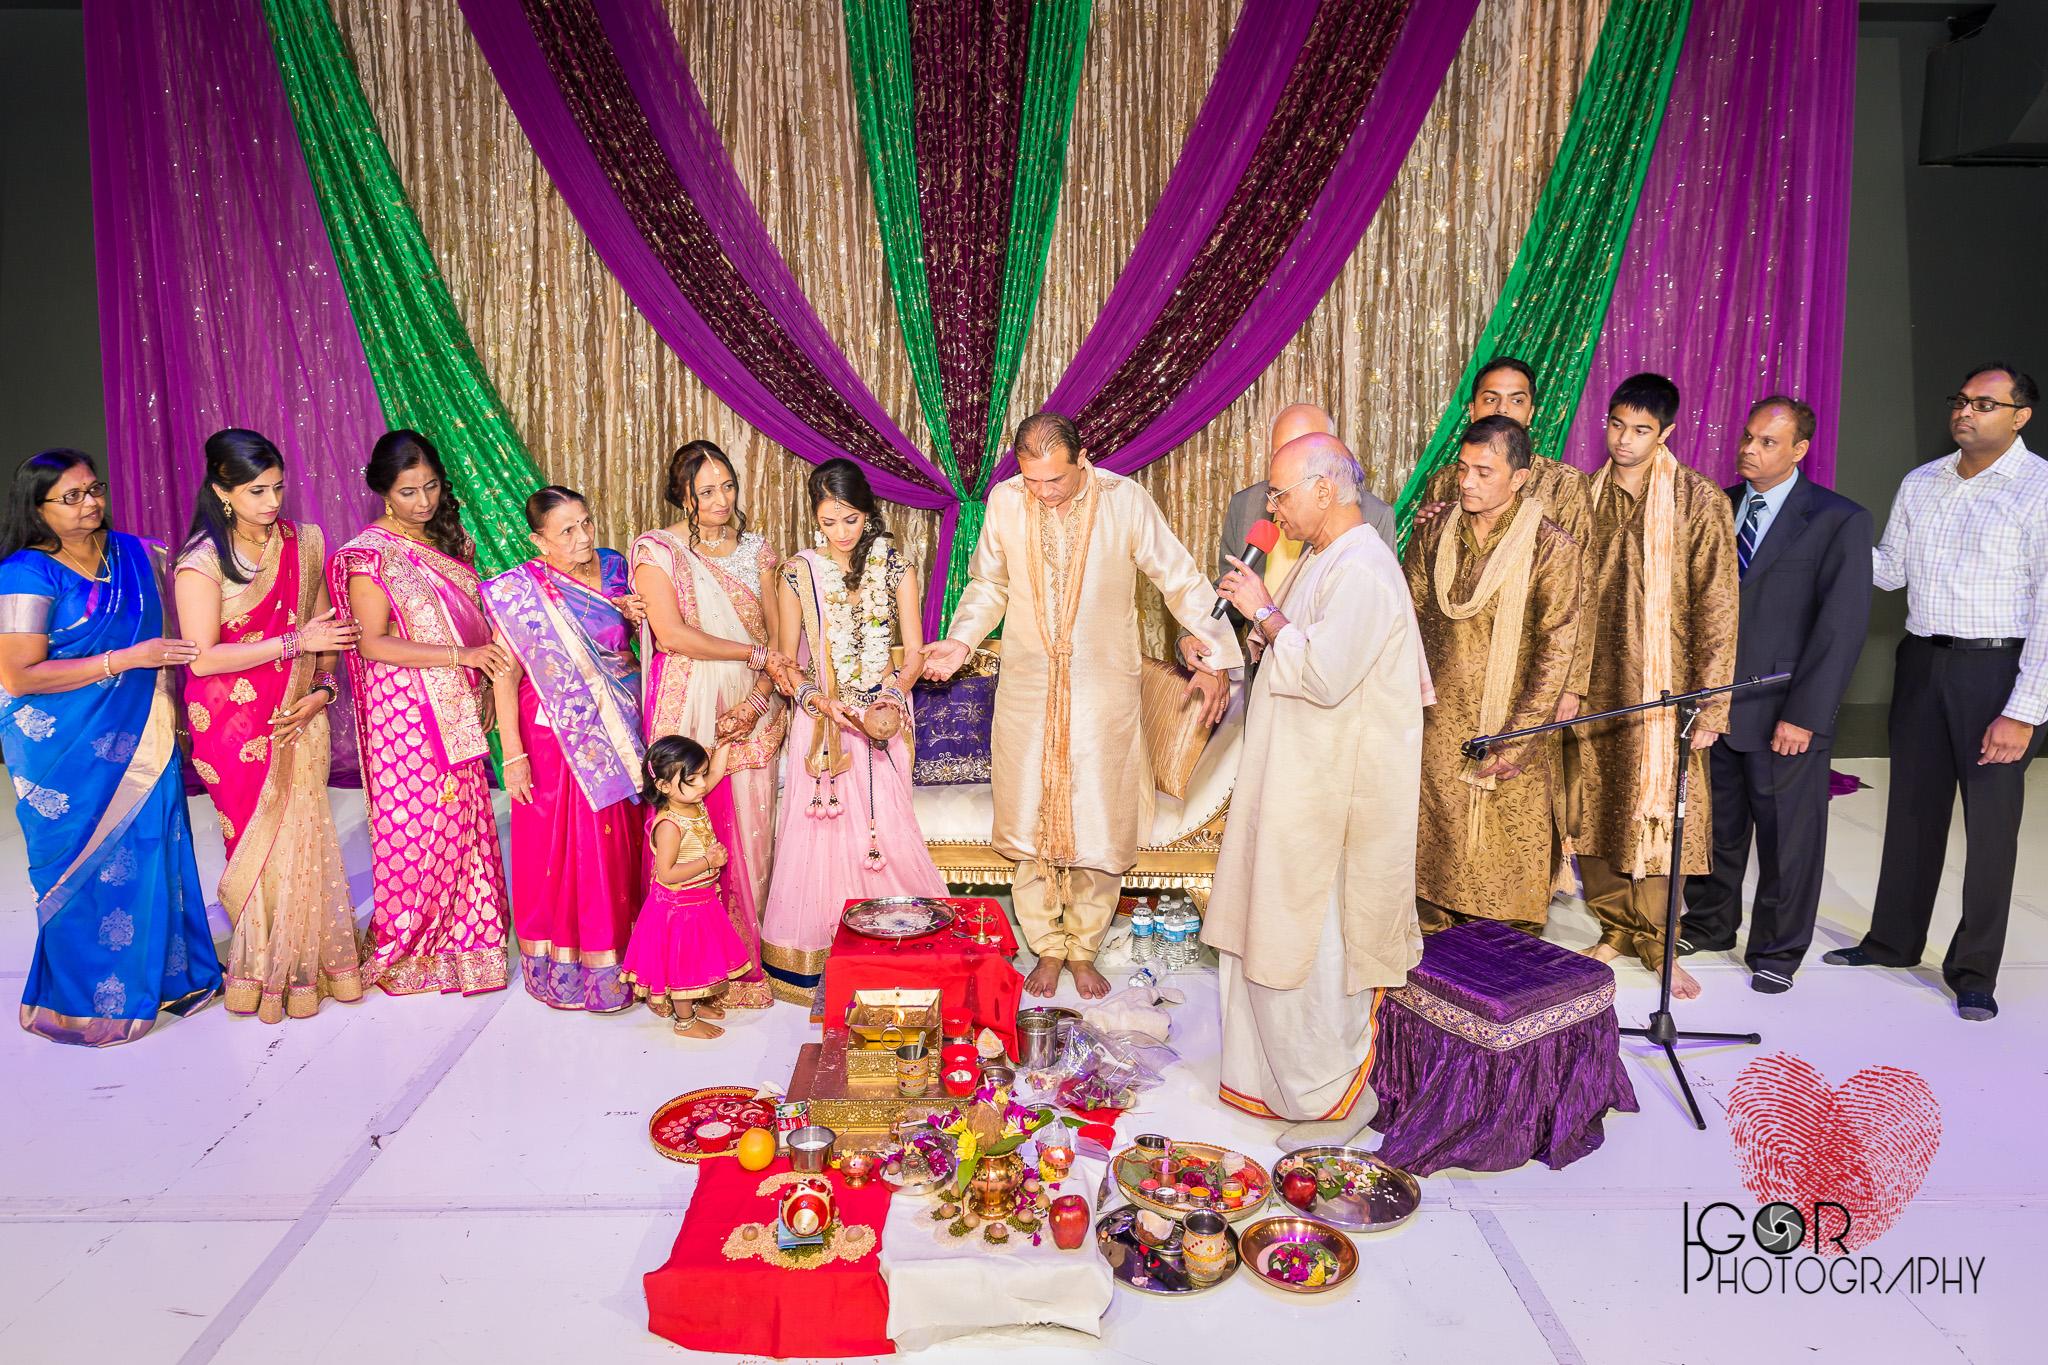 Rachna-Prasad-Indian-Wedding-21.jpg